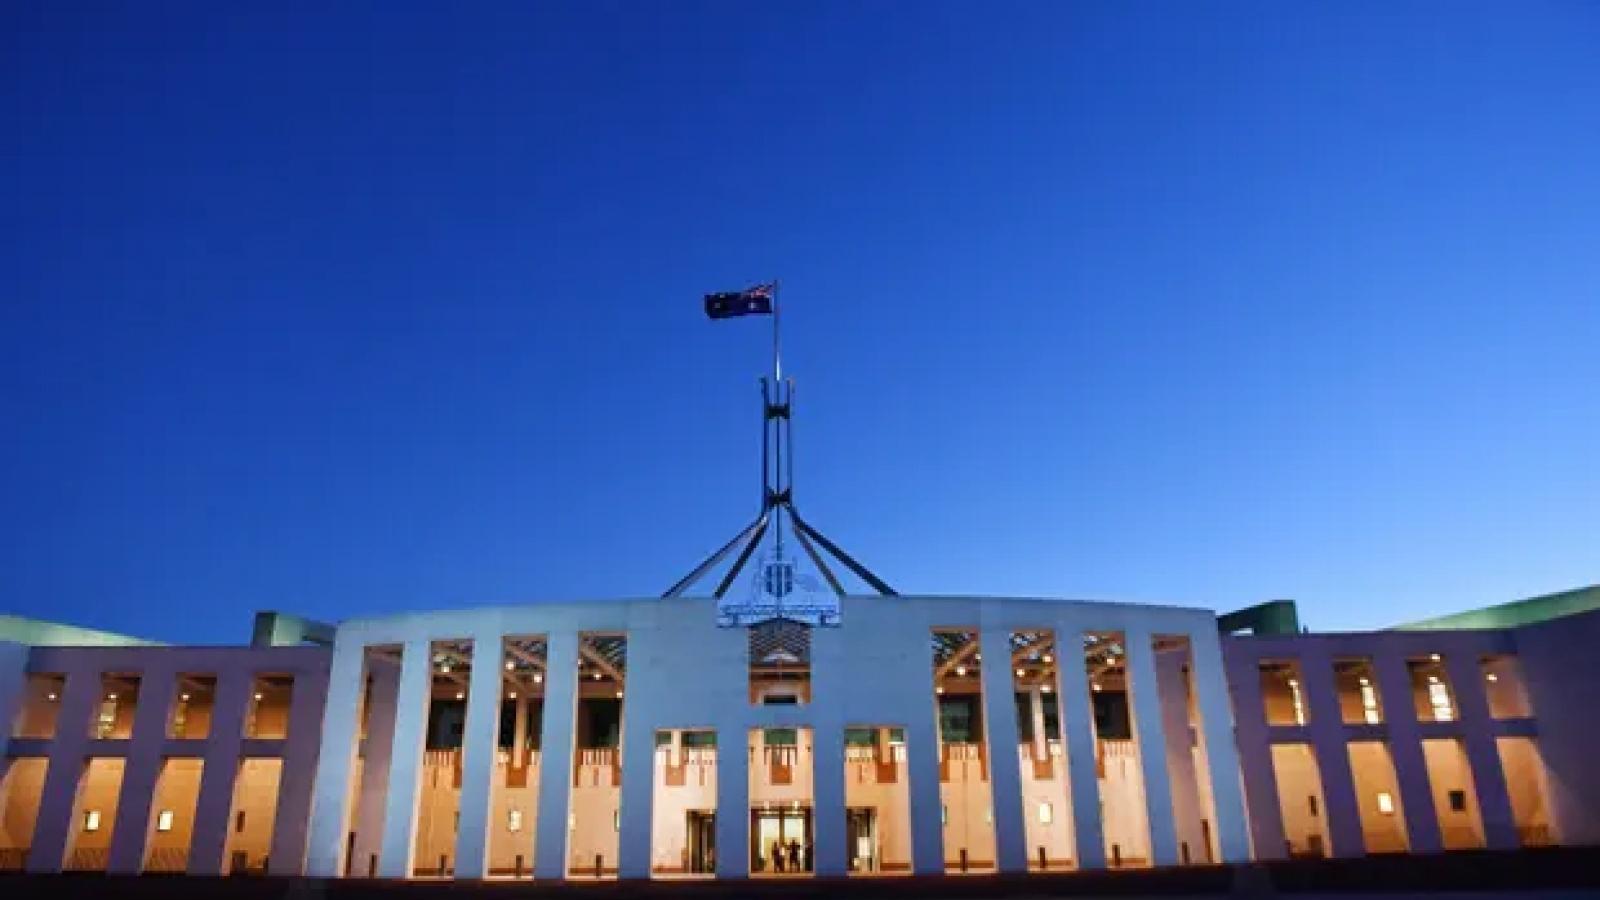 Mạng máy tính Quốc hộiAustralia trục trặc, một kênh truyền hình bị tin tặc tấn công